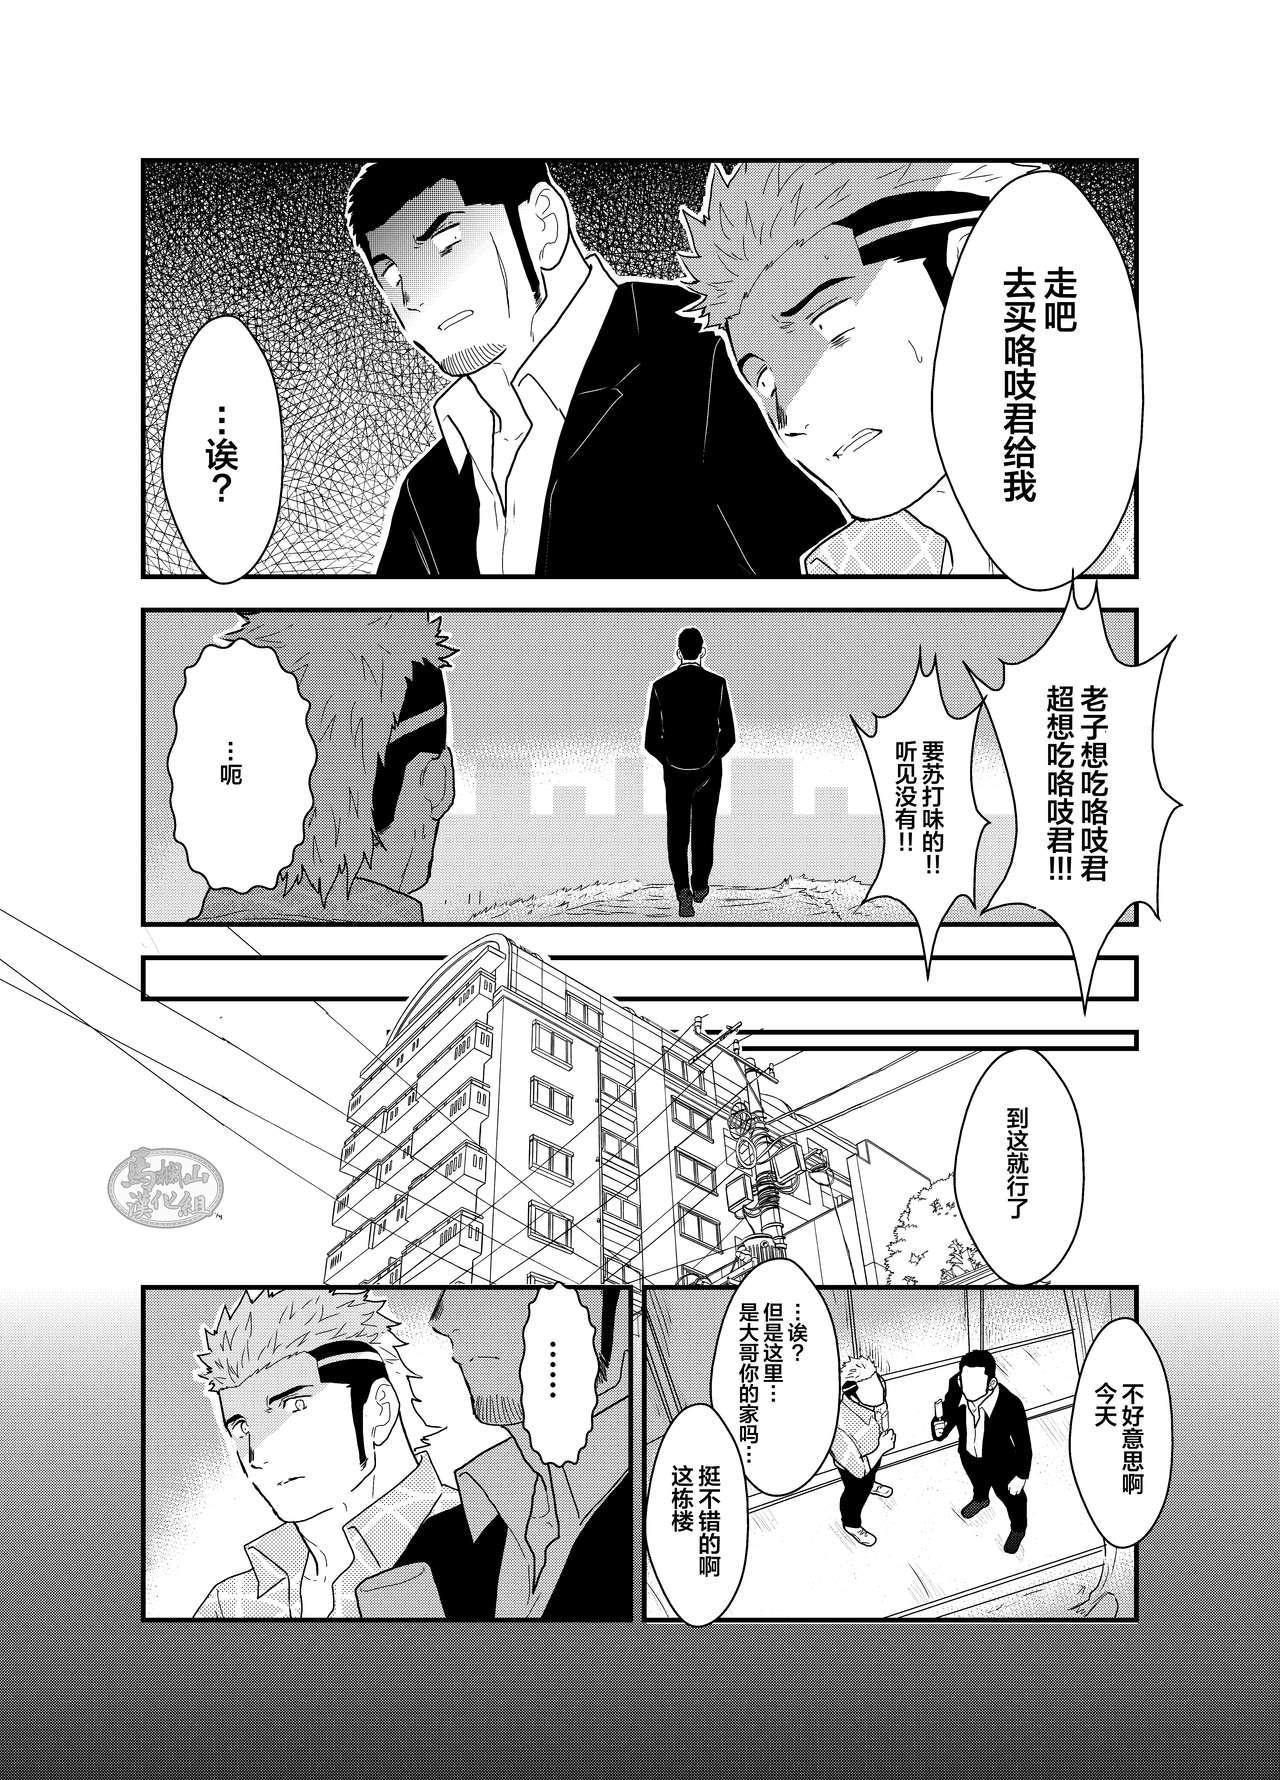 Moshimo Yakuza ni Koigokoro ga Mebae Hajimetara 7